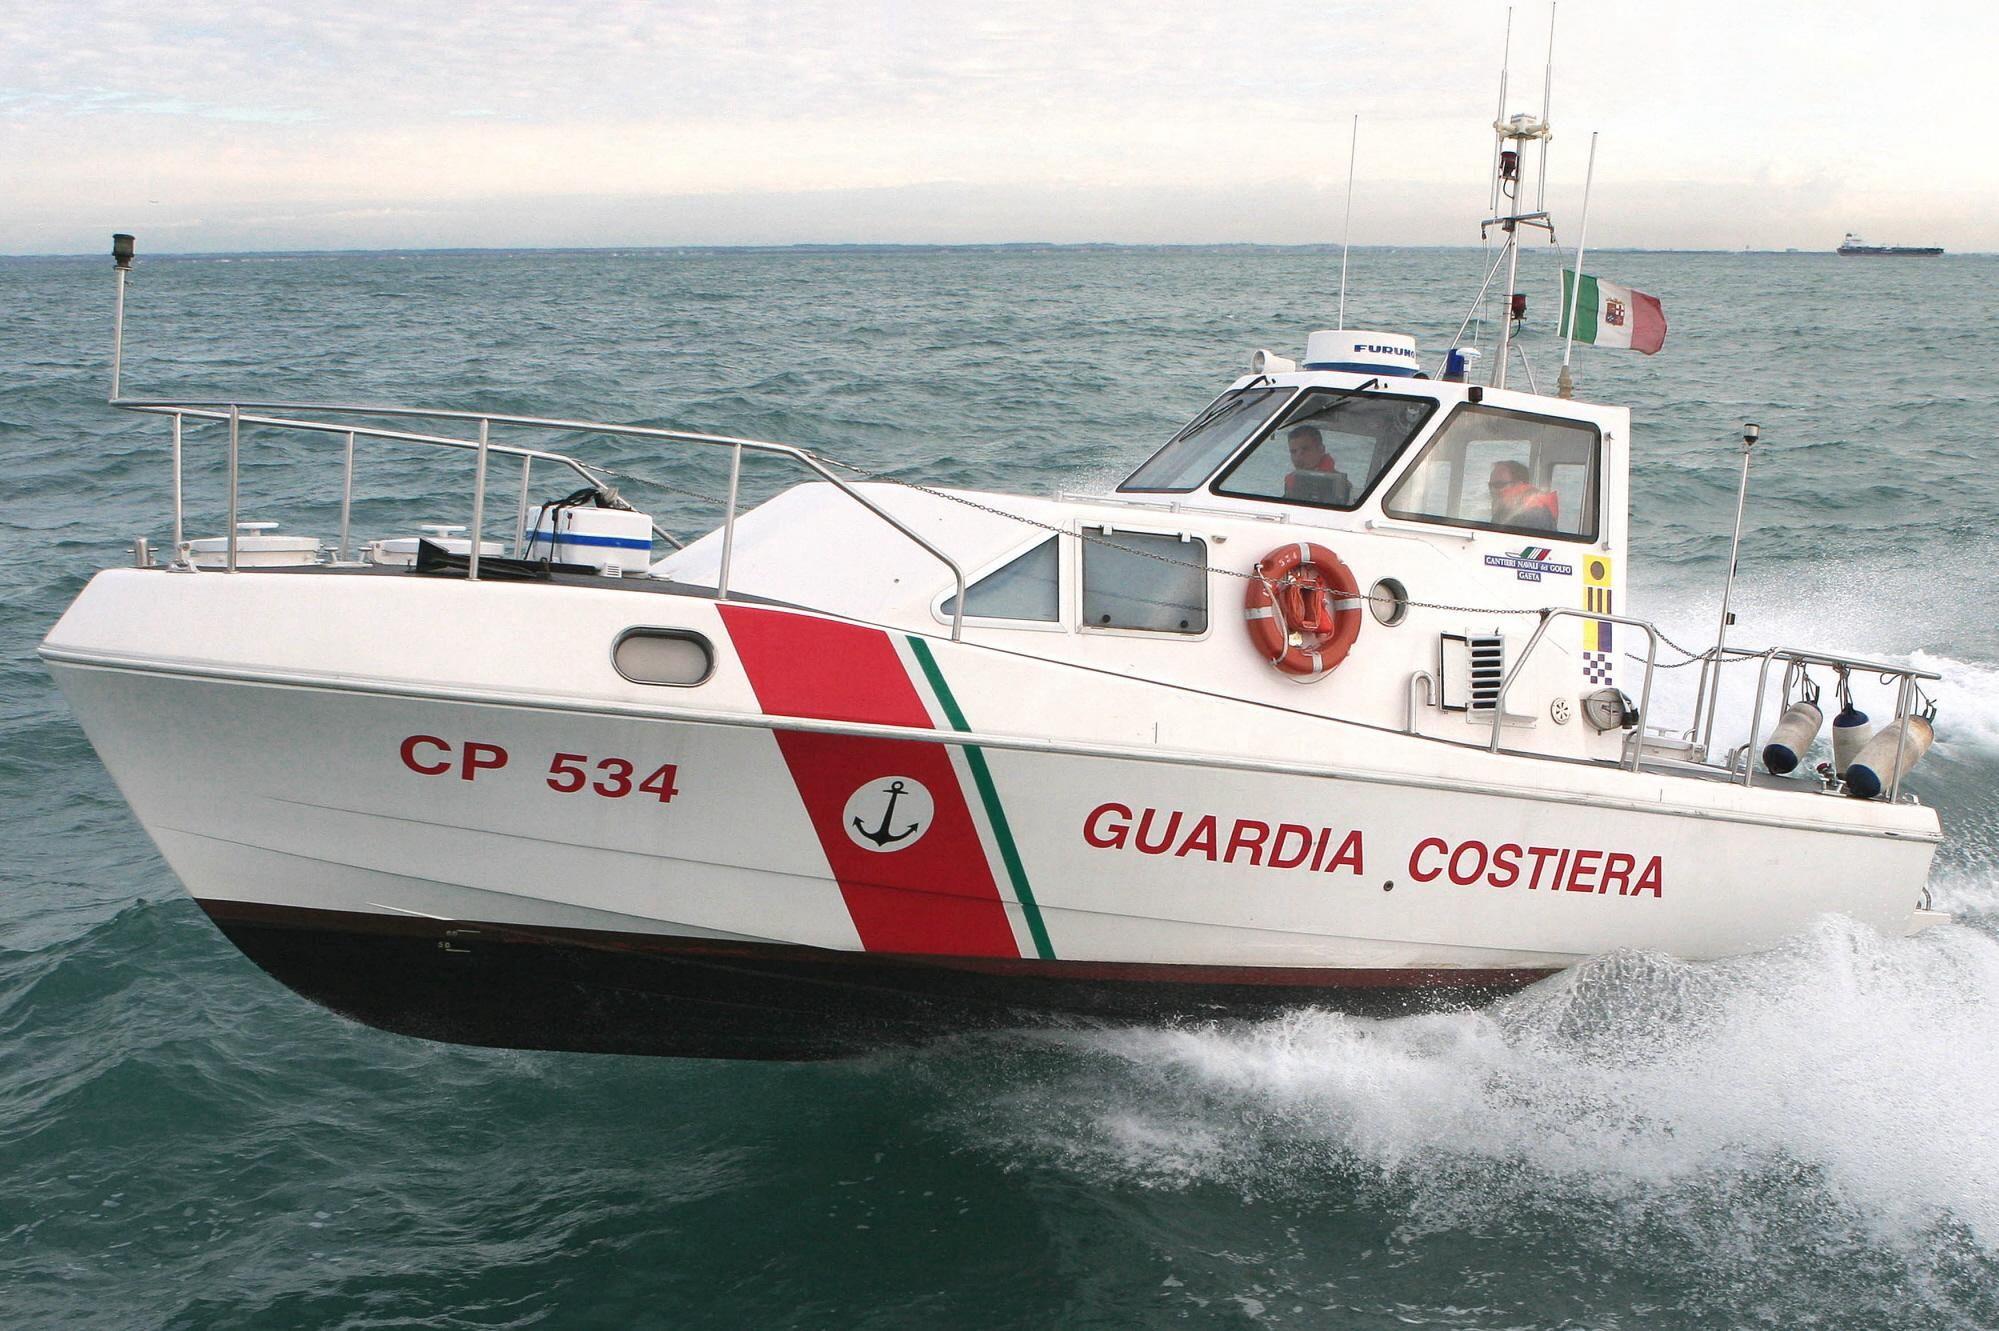 La Capitaneria di Porto salva due migranti. Diventa un